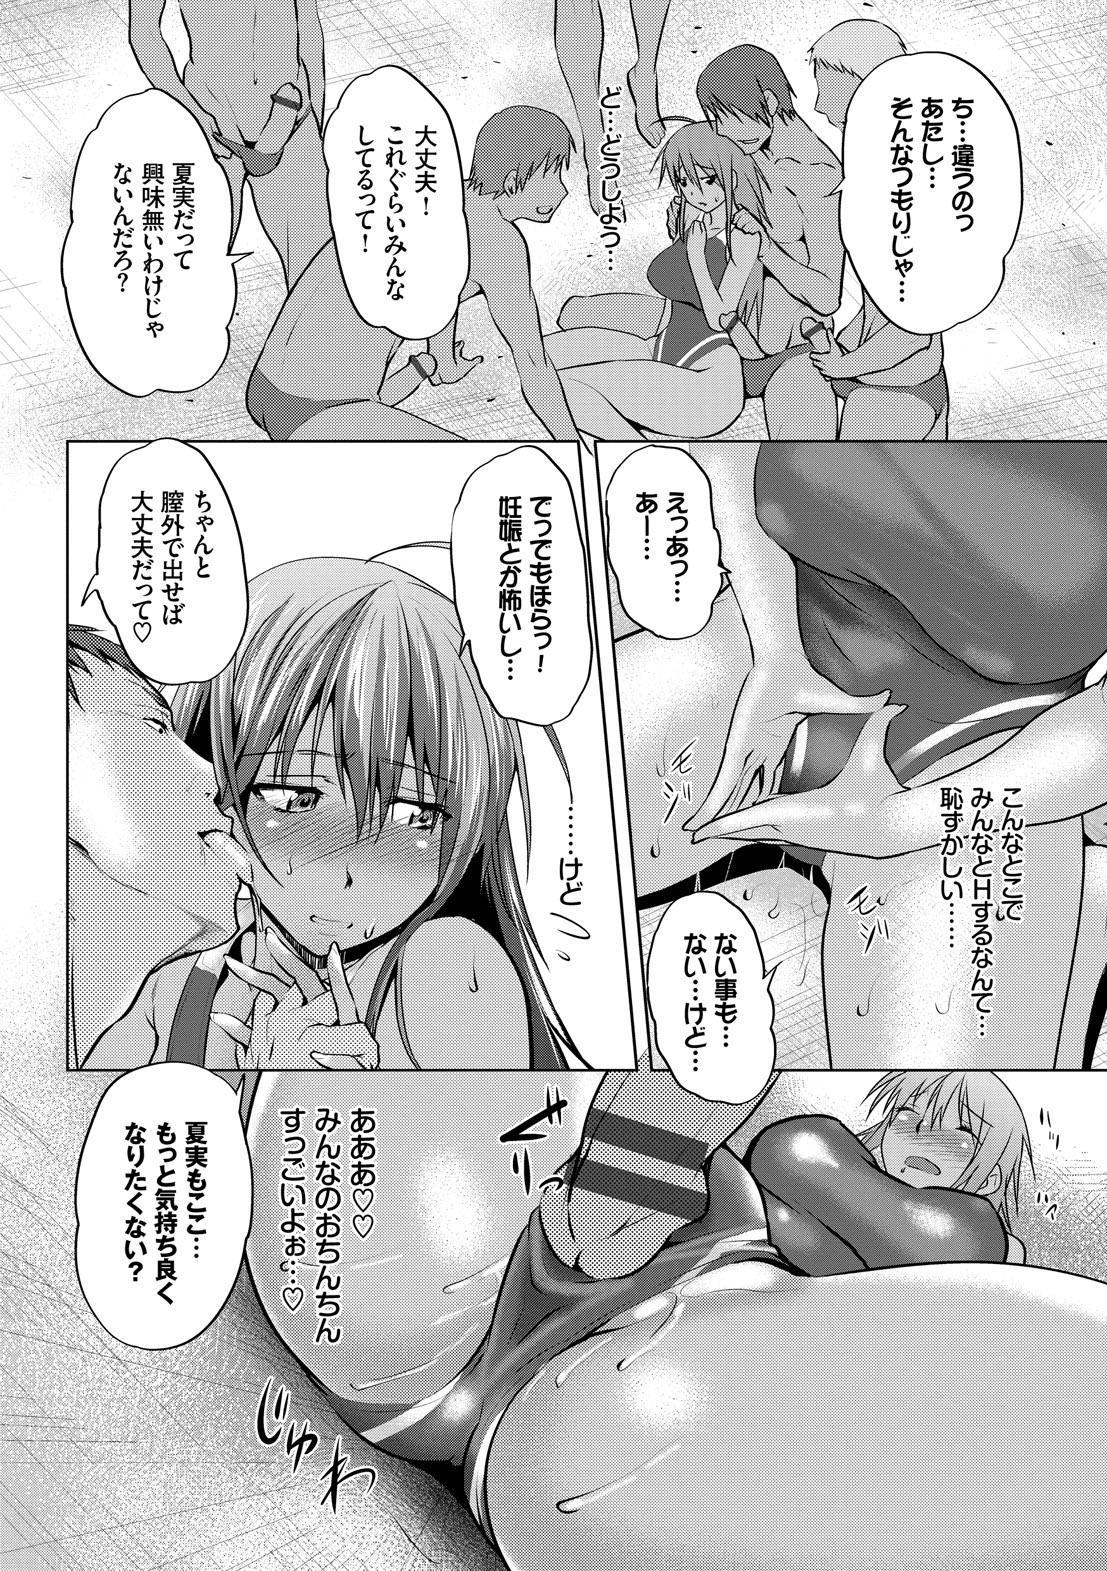 Mesu no Tadashii Haramasekata 123